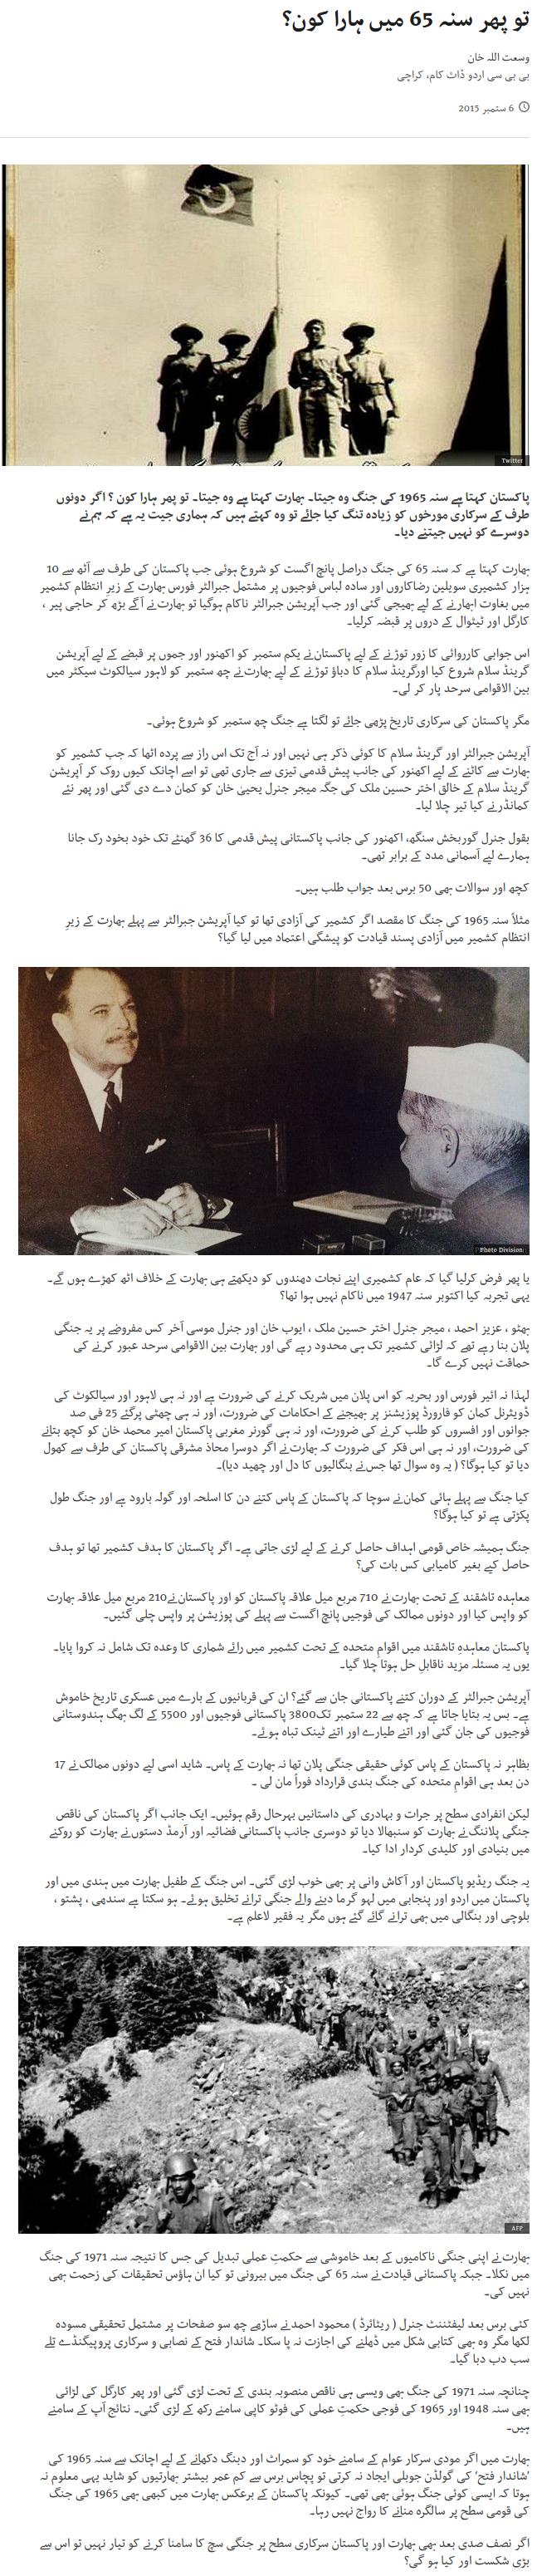 Wusatullah Khan Column | To Phir San 65 Mai Hara Kon? | Baat Say Baat